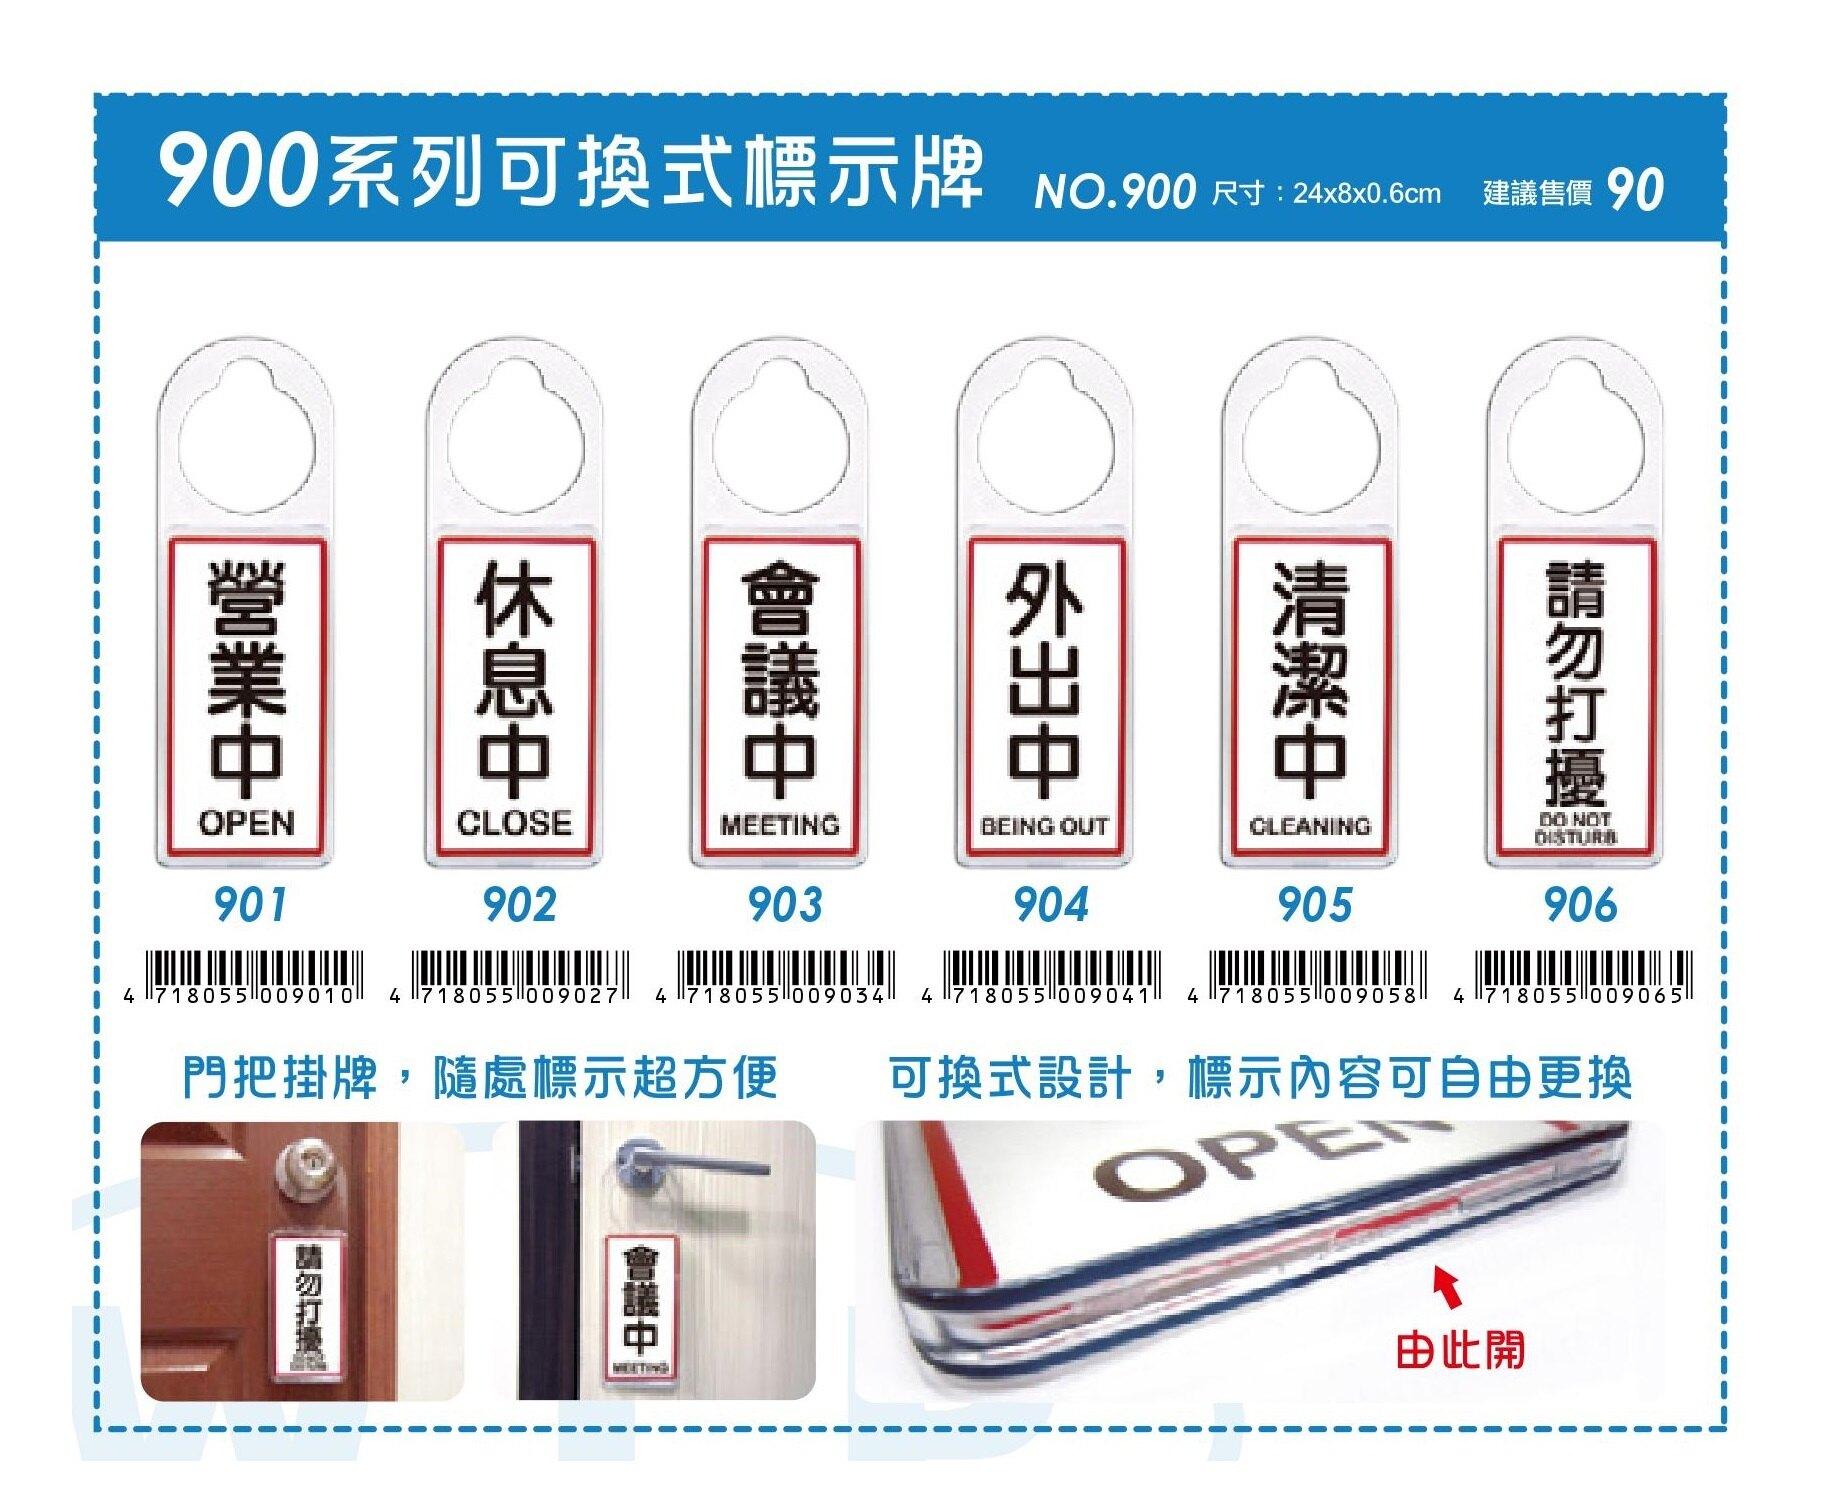 W.I.P 聯合 NO.905 可換式標示牌 清潔中